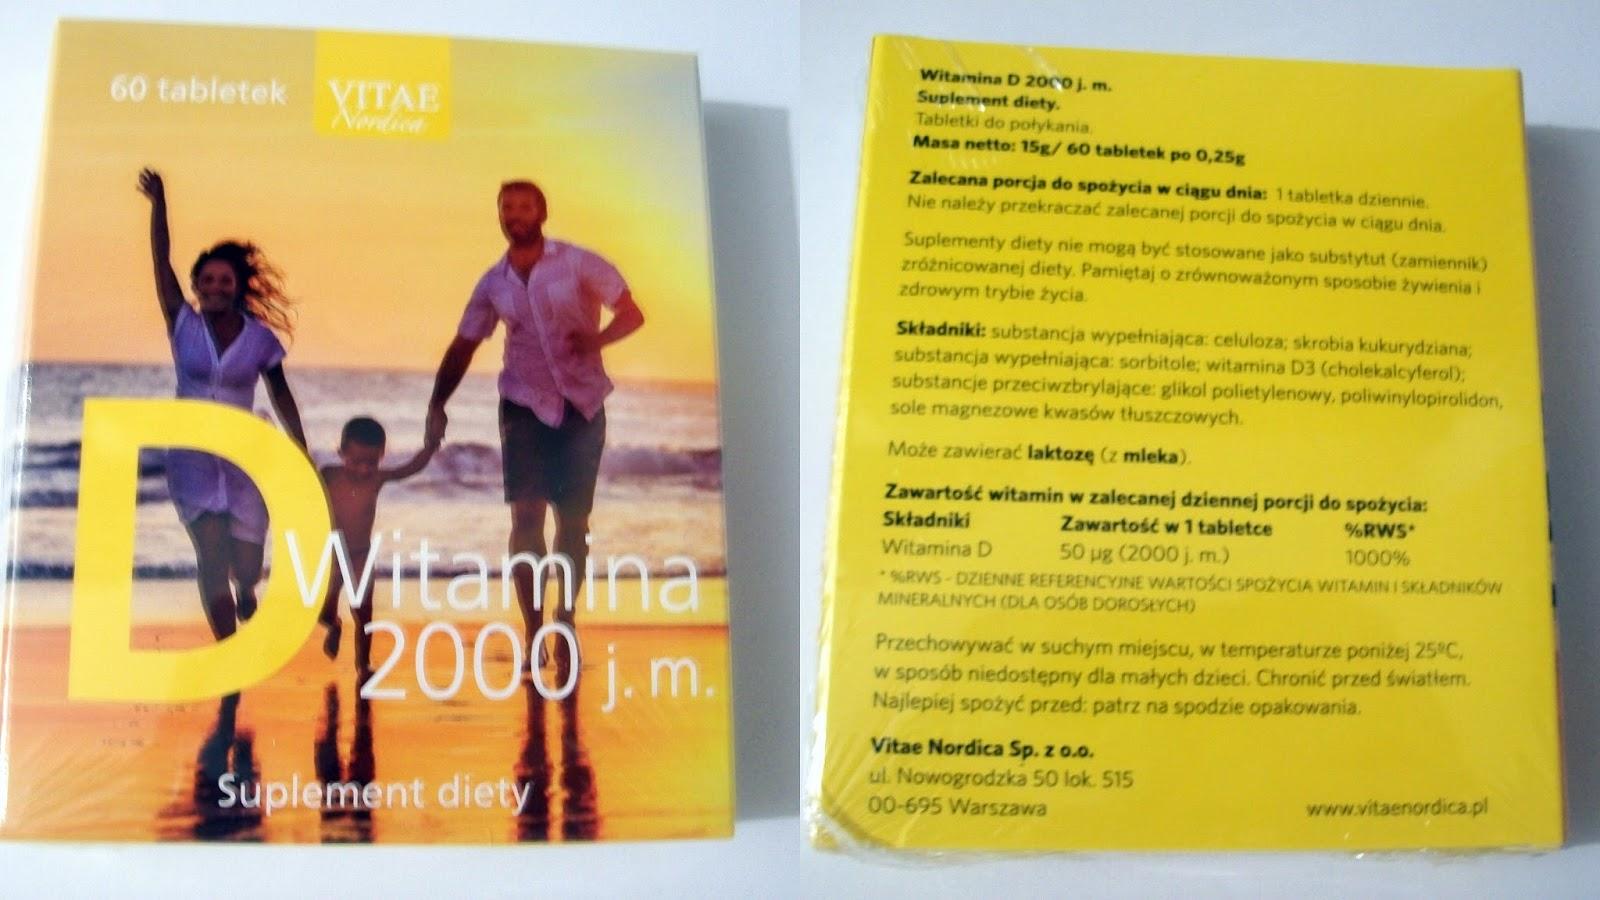 darmowa witamina D 2000 j.m.